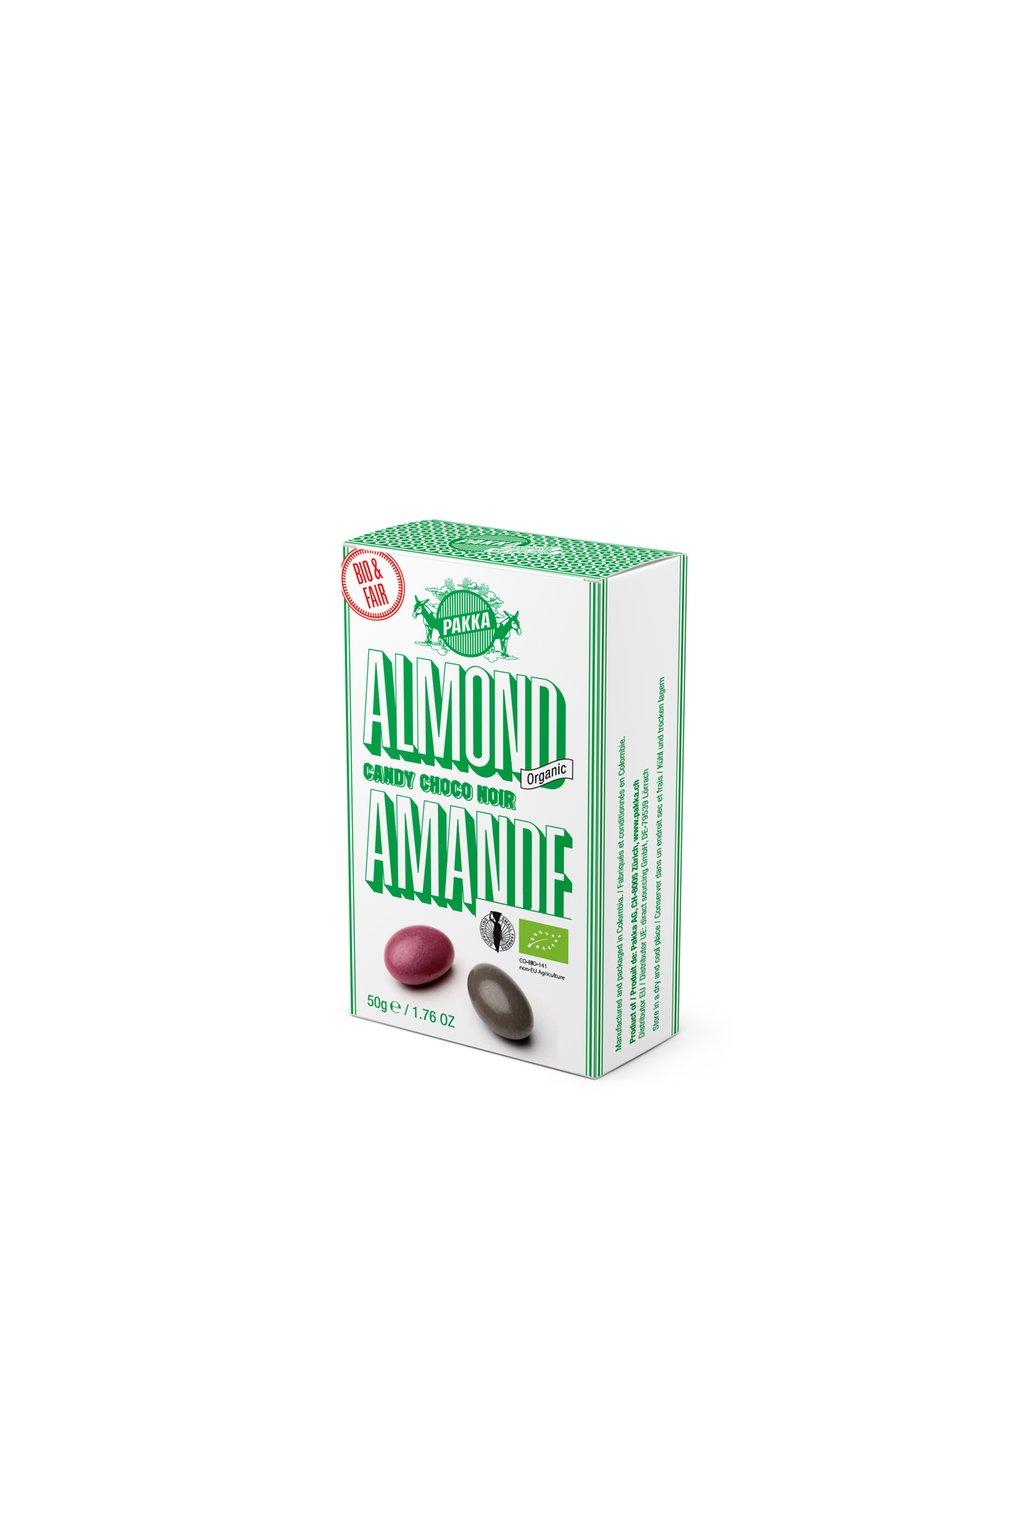 Pakka Mandle candy v horkej cokolade BIO Fairtrade